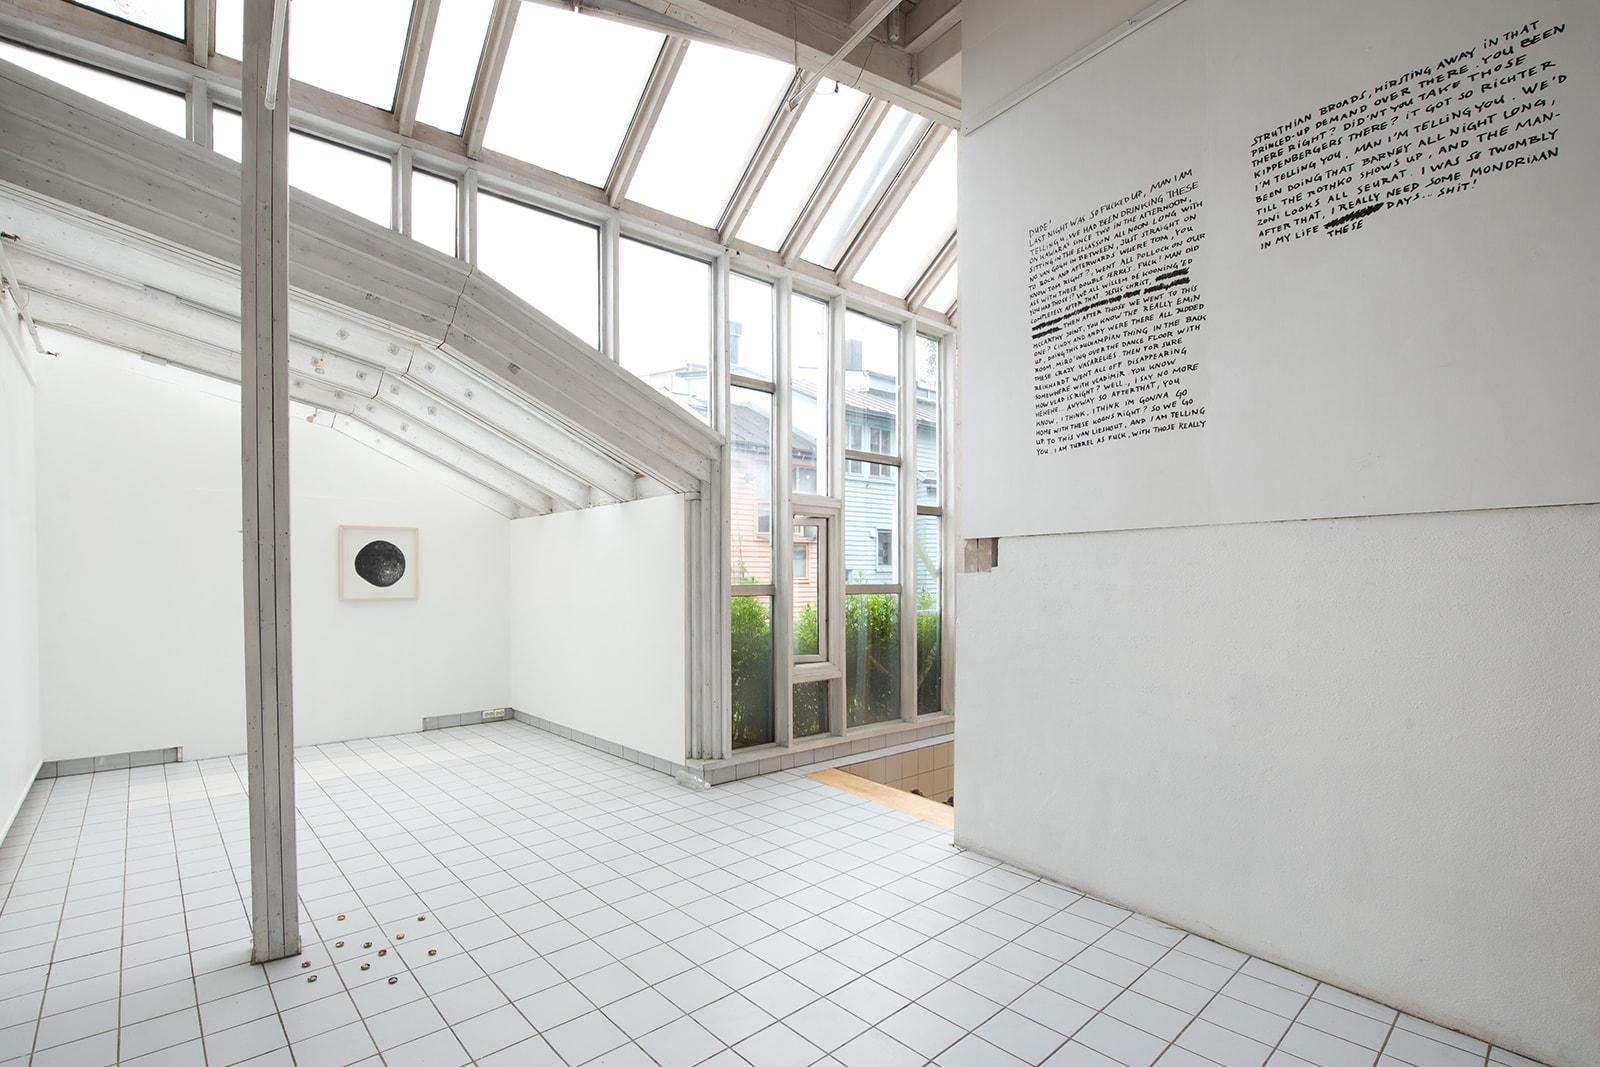 Confetti - Exhibition overview